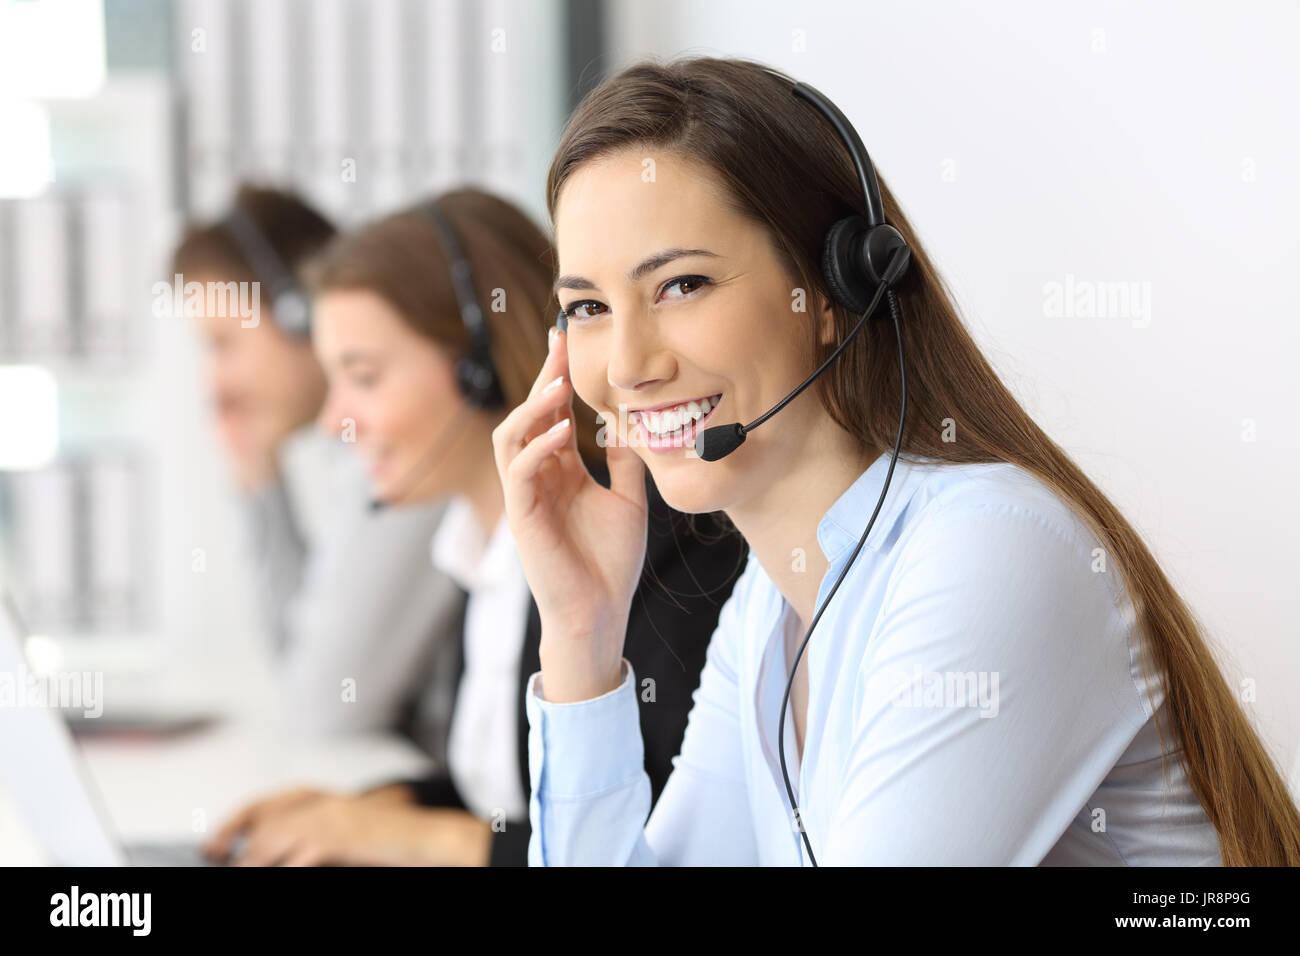 Glücklich Telemarketer betrachten Sie im Büro mit anderen Arbeitnehmern im Hintergrund Stockbild